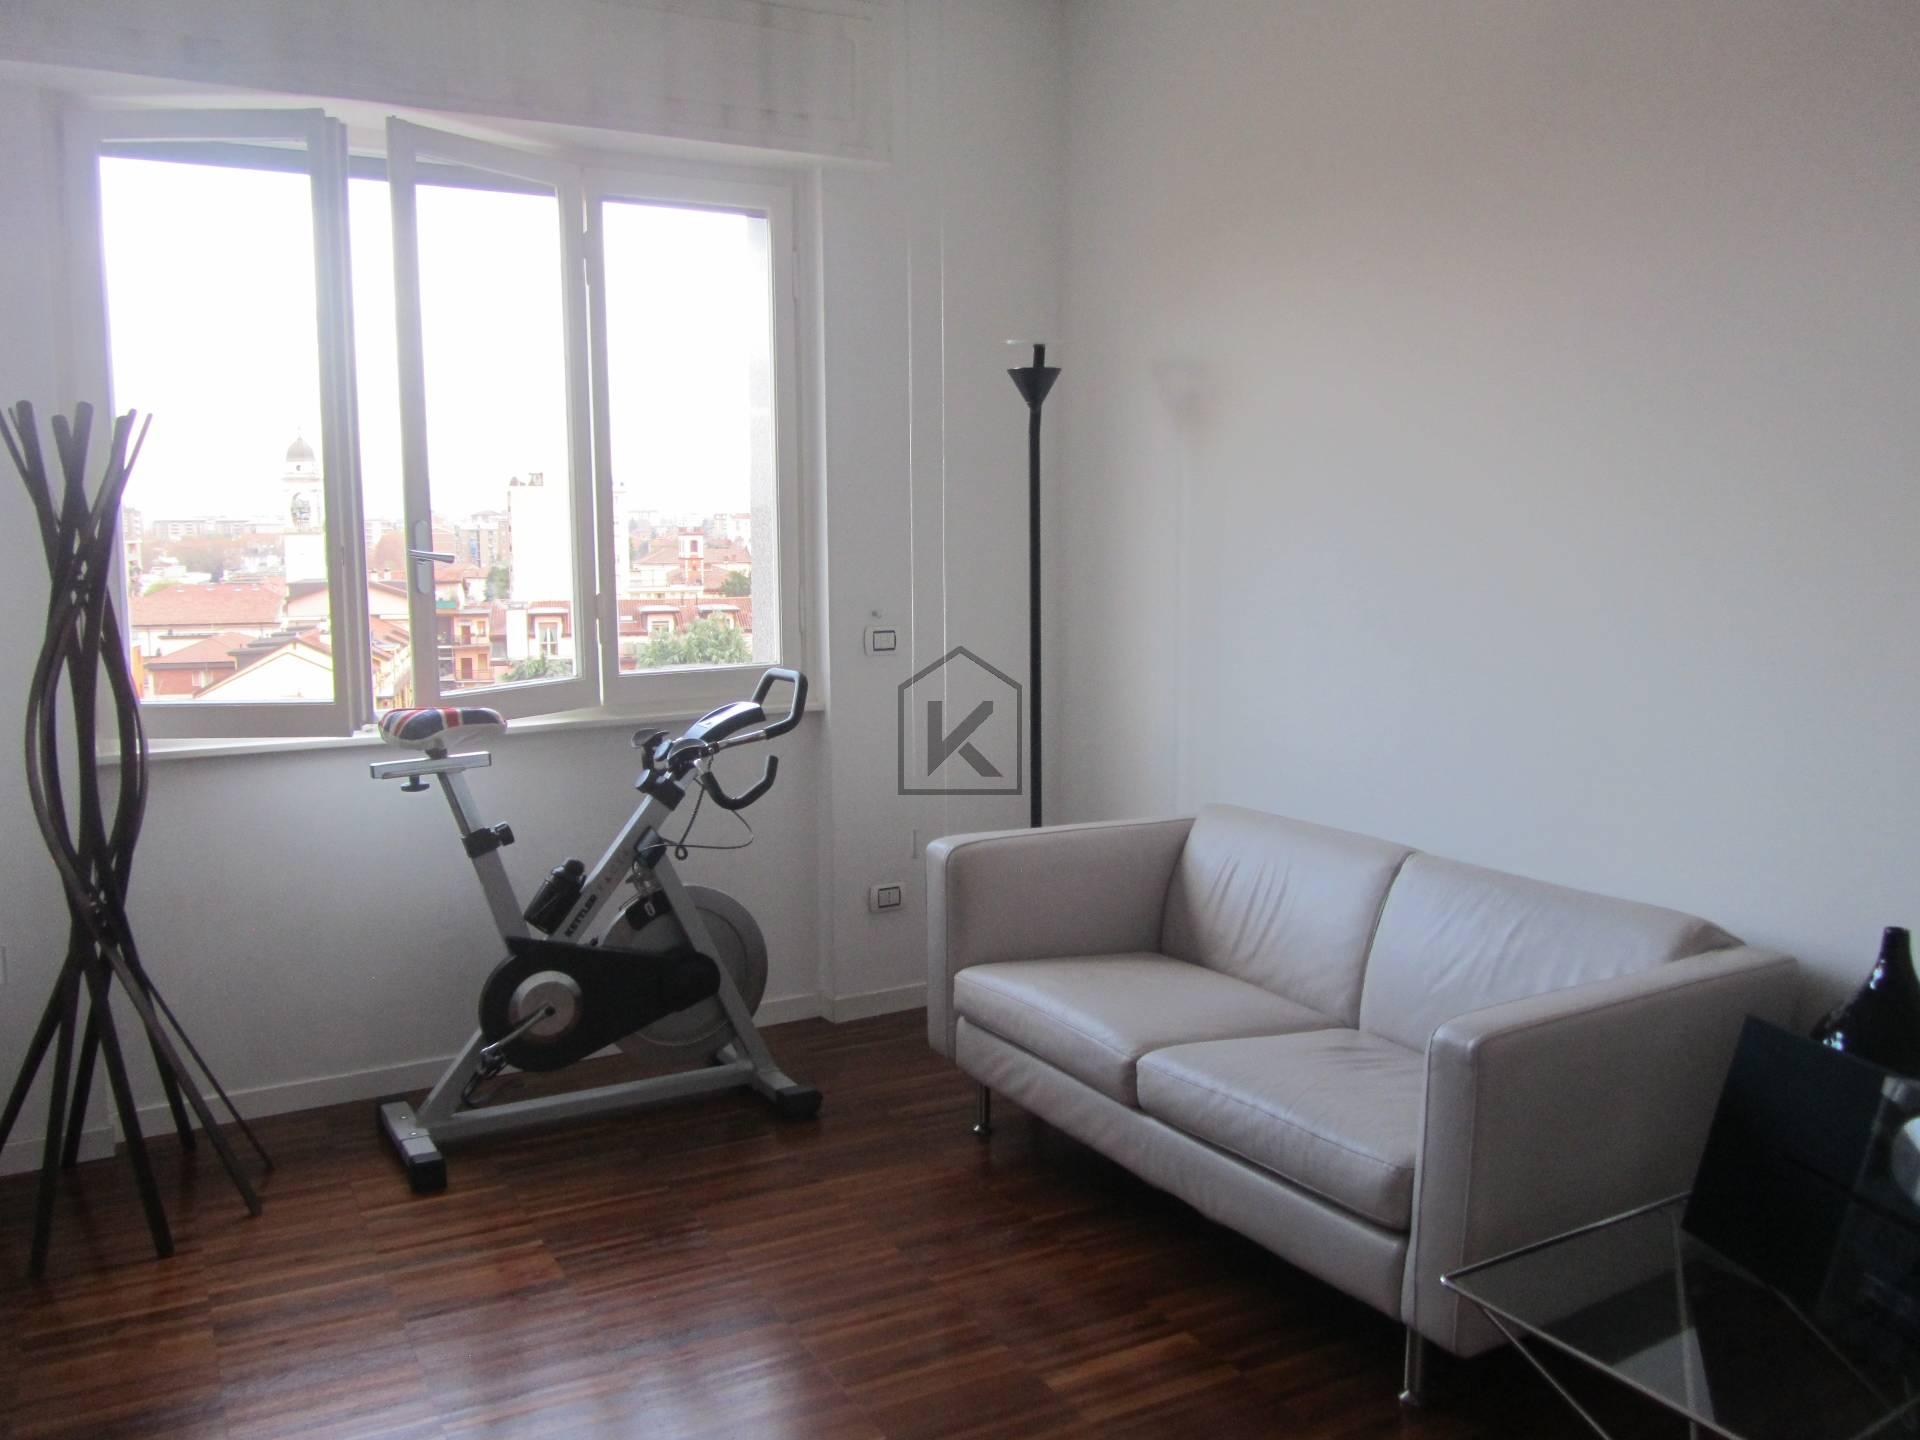 Appartamento in Vendita a Cinisello Balsamo:  2 locali, 55 mq  - Foto 1